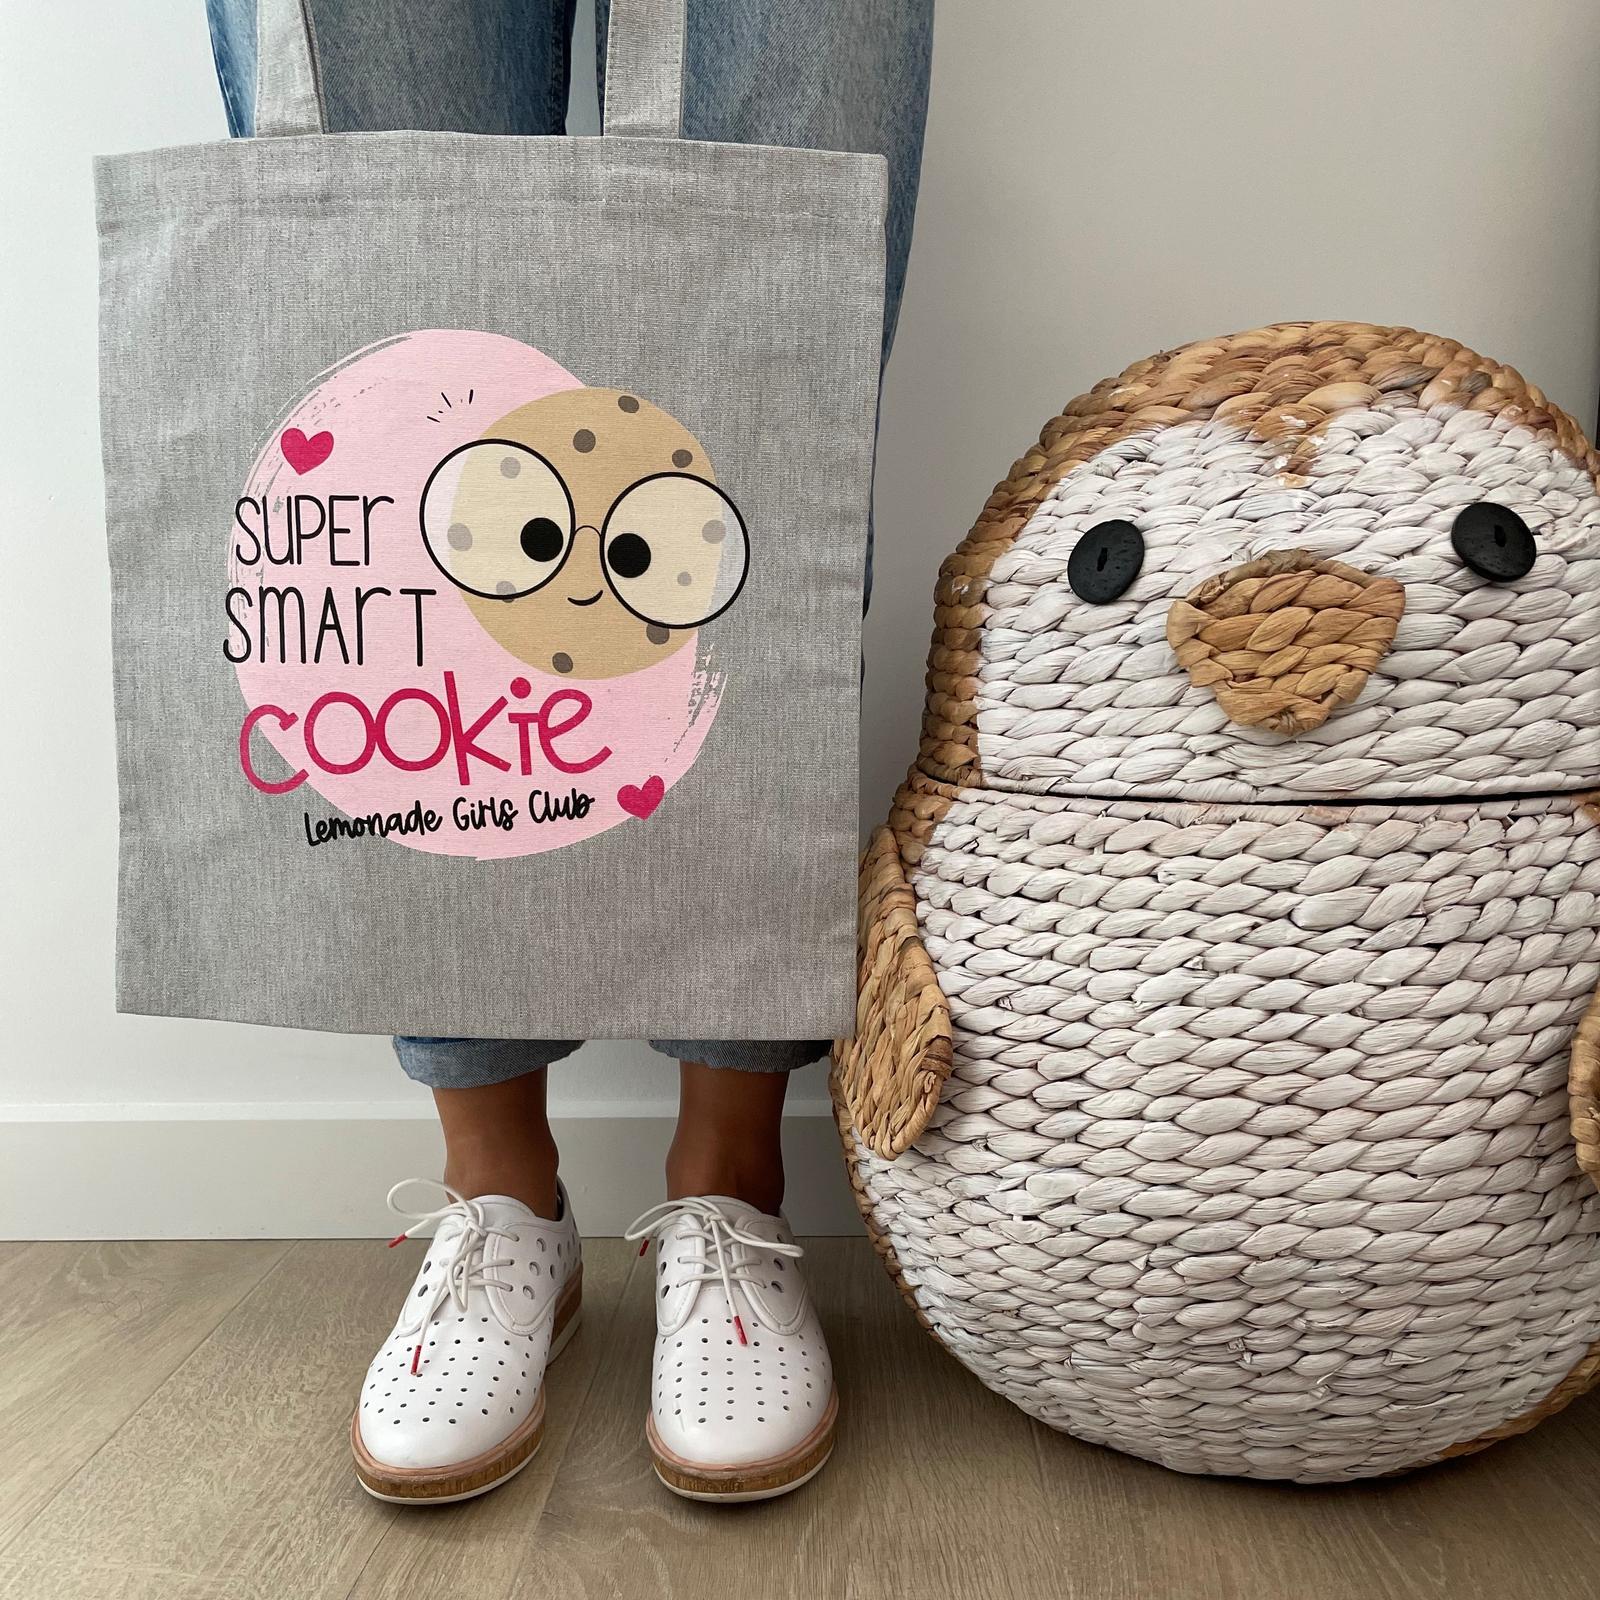 Lemonade Girls Club Smart Cookie Tote Bag